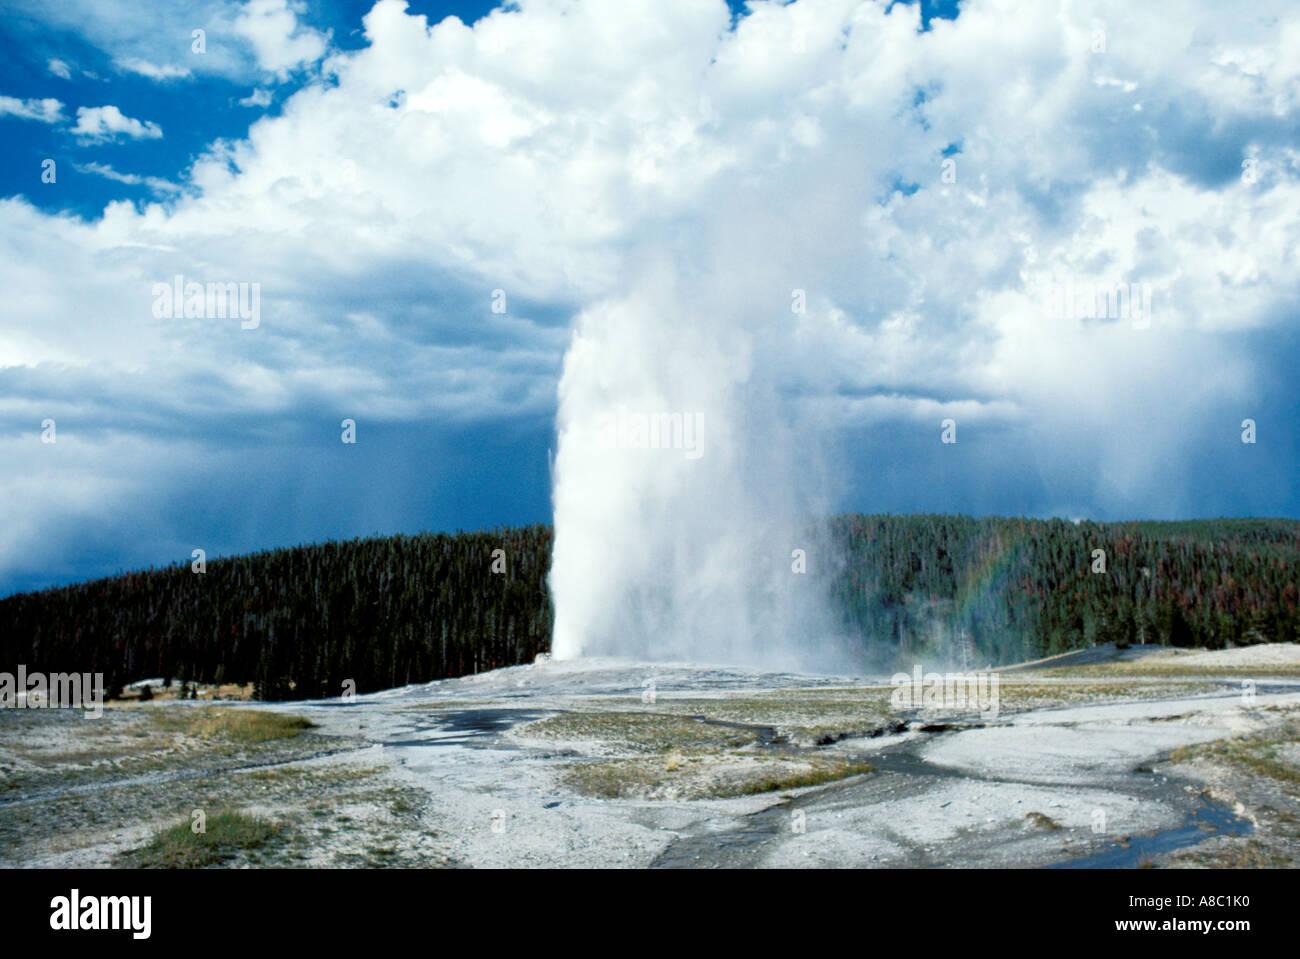 Wyoming Yellowstone National Park Old Faithful Geyser - Stock Image